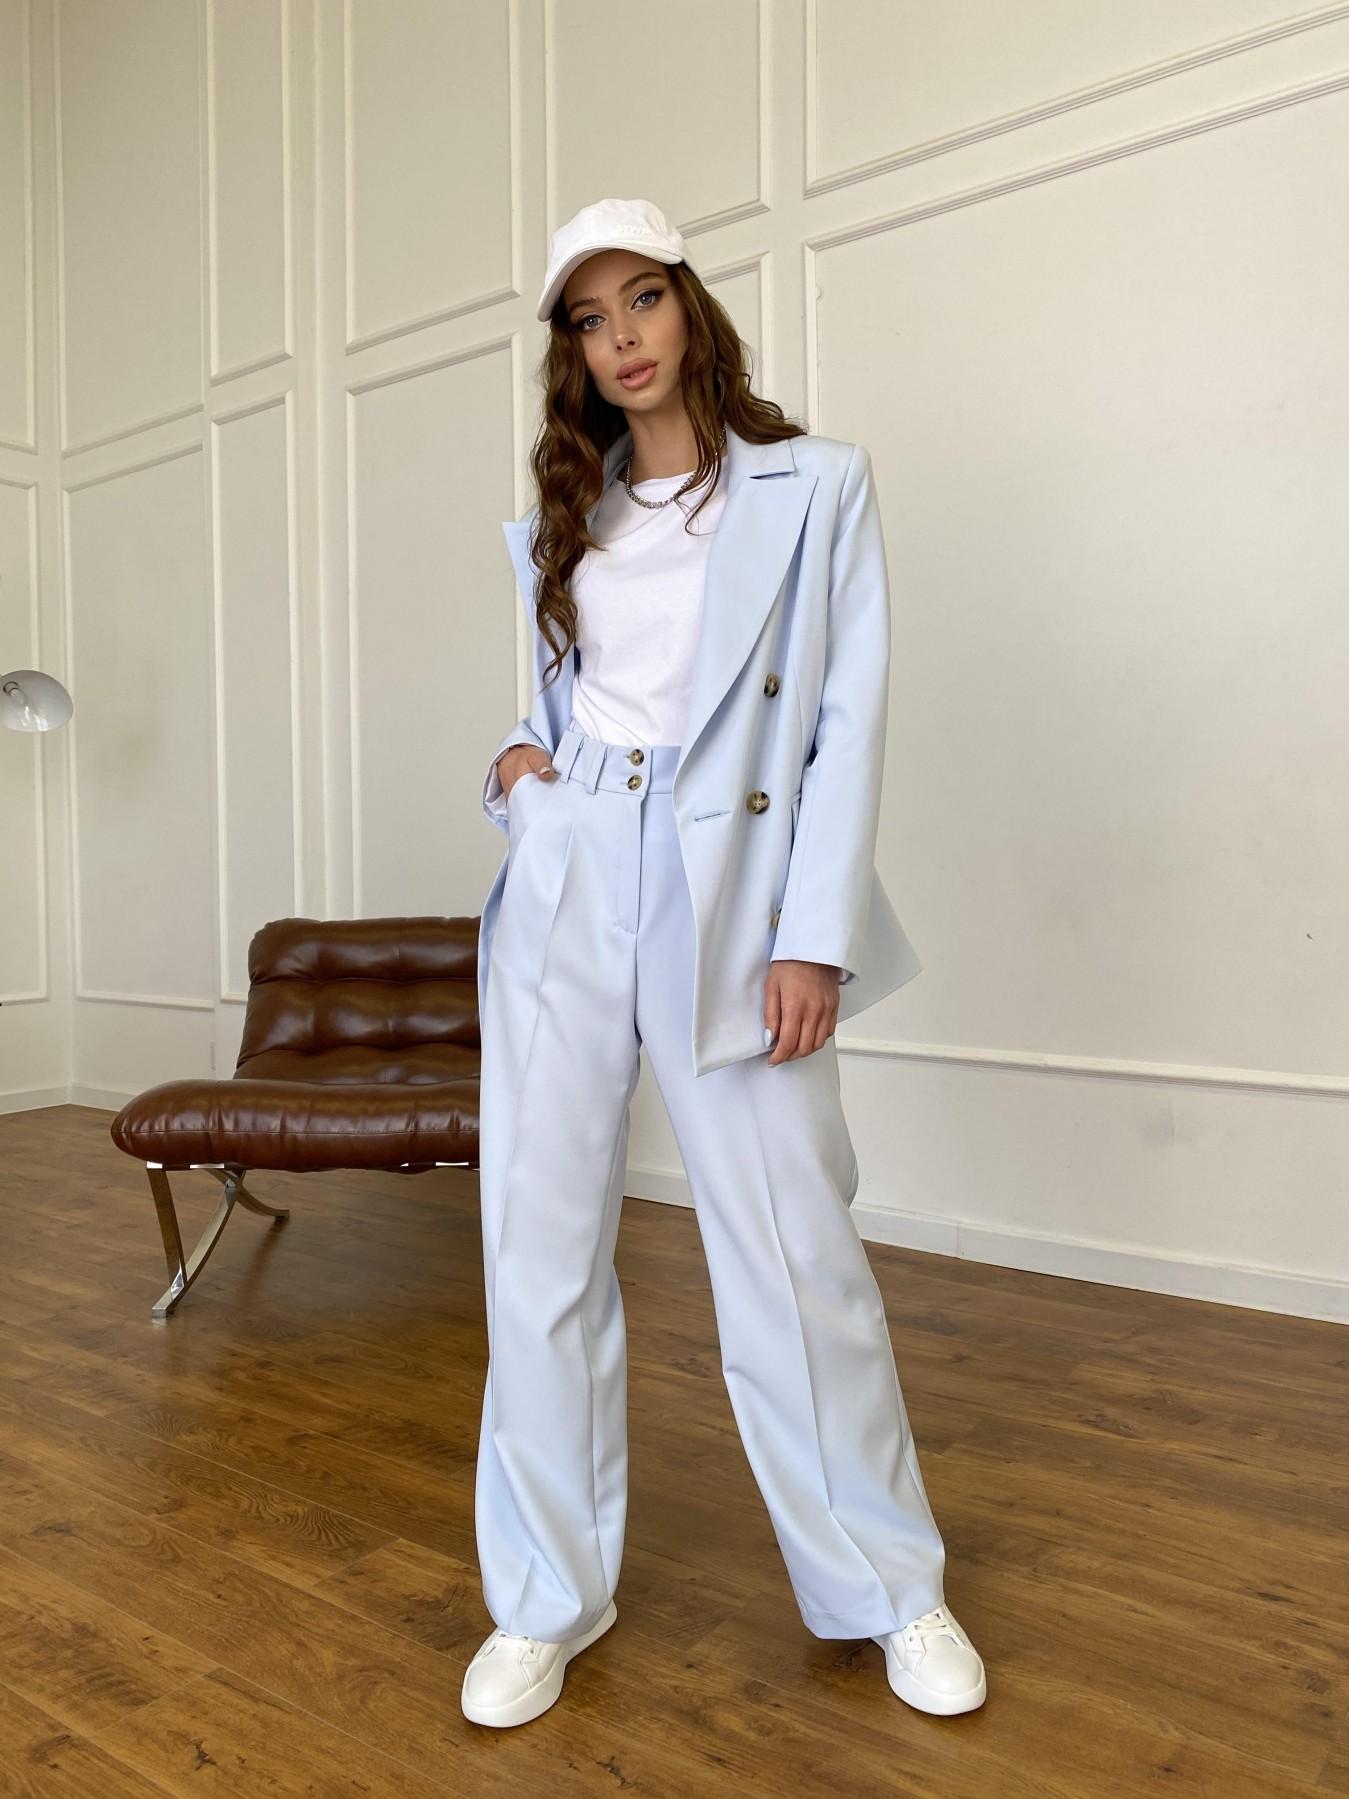 Белисимо жакет из костюмной ткани  стрейч 11192 АРТ. 47697 Цвет: Голубой - фото 6, интернет магазин tm-modus.ru